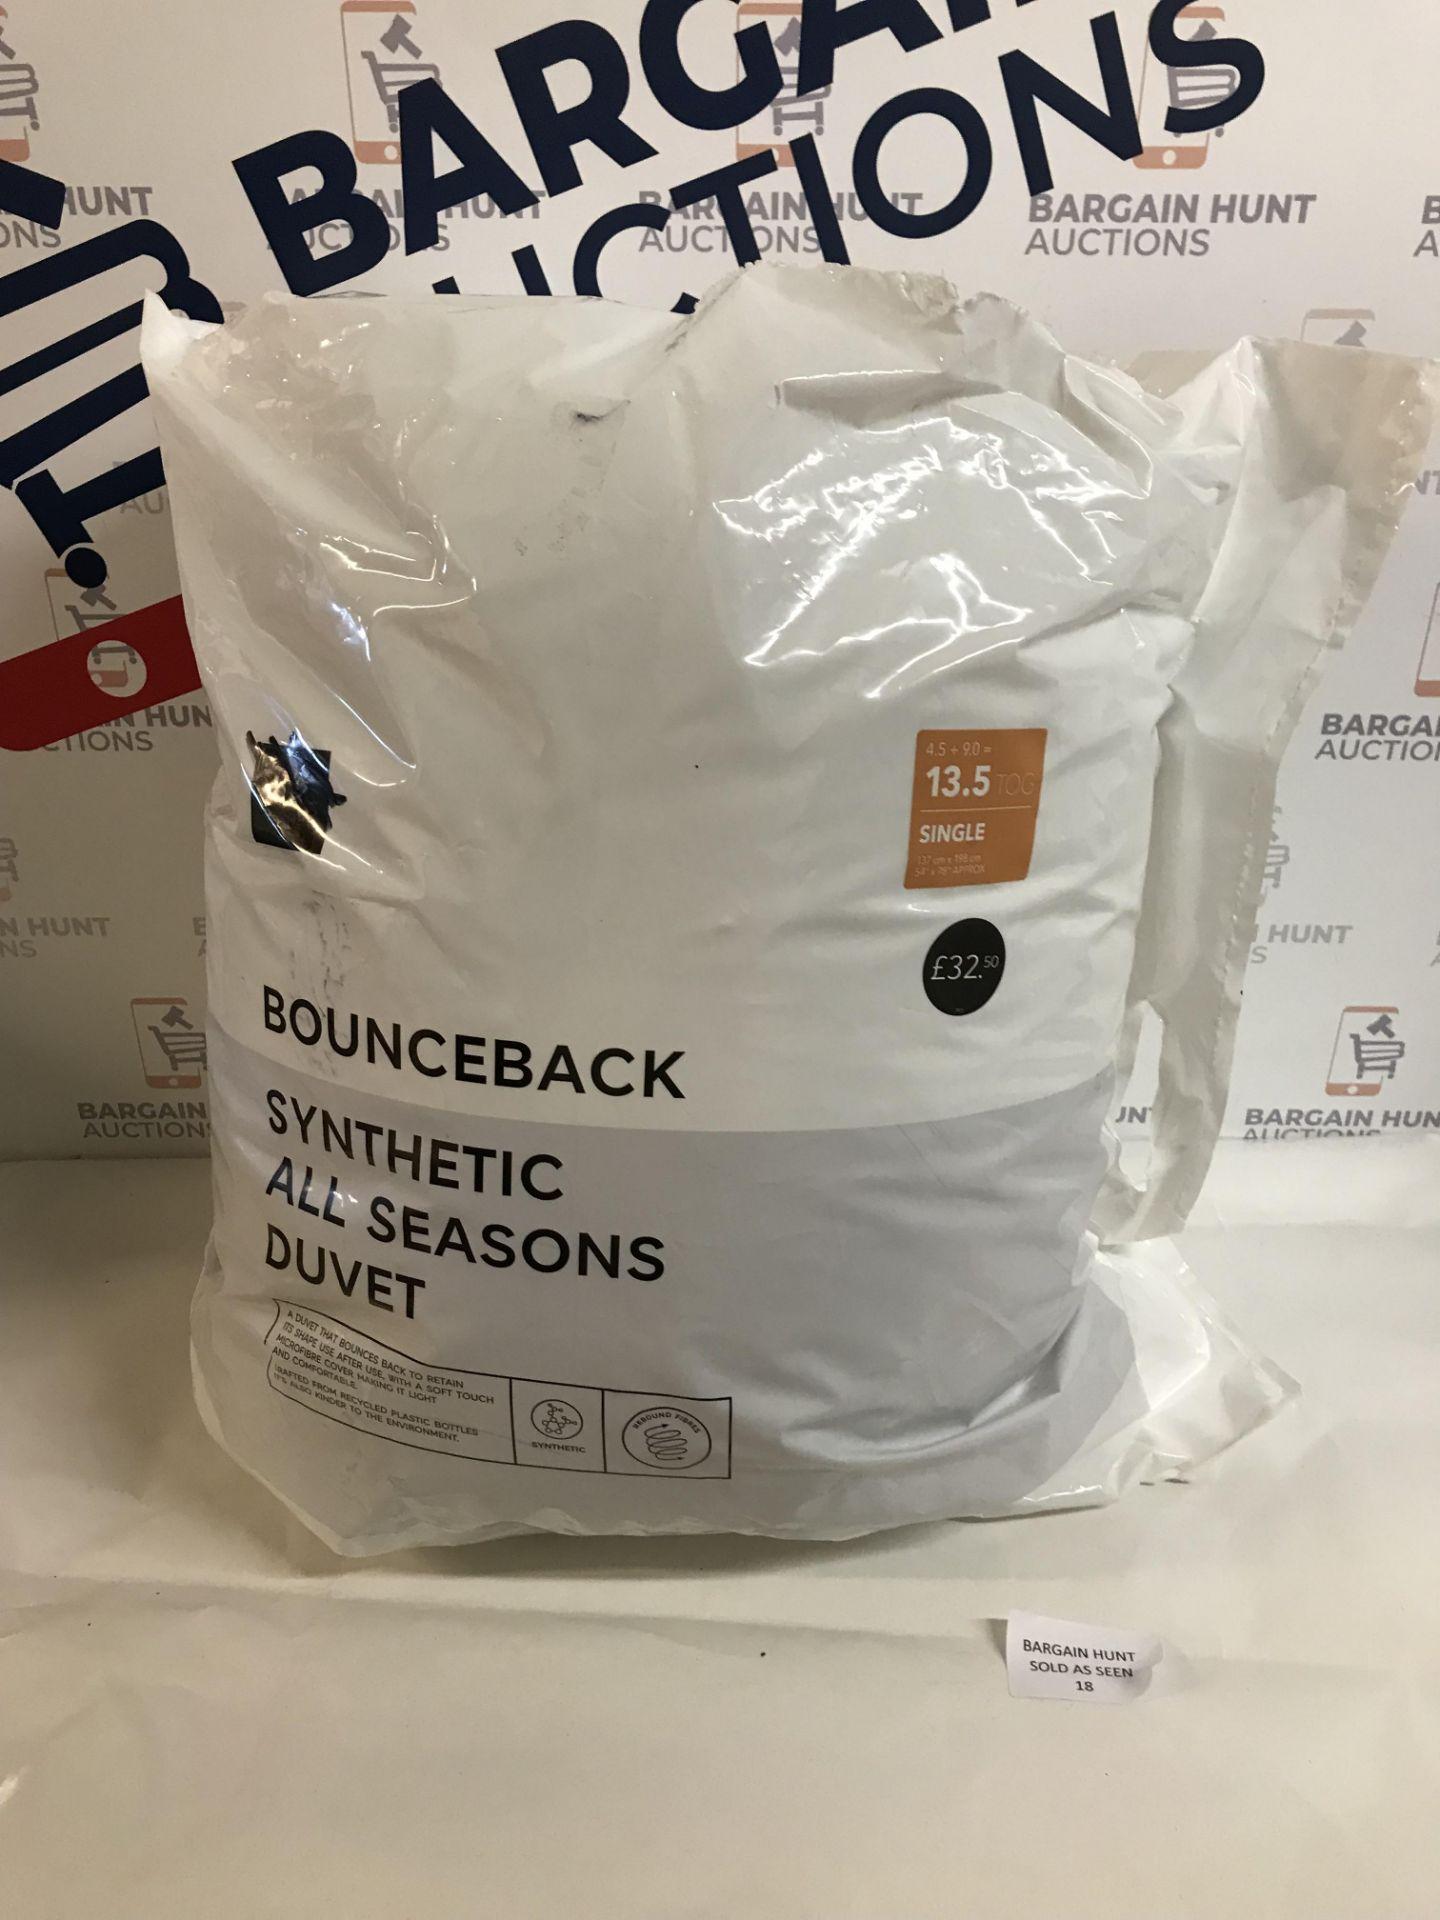 Lot 18 - Bounceback Synthetic All Seasons 13.5 Tog Duvet, Single